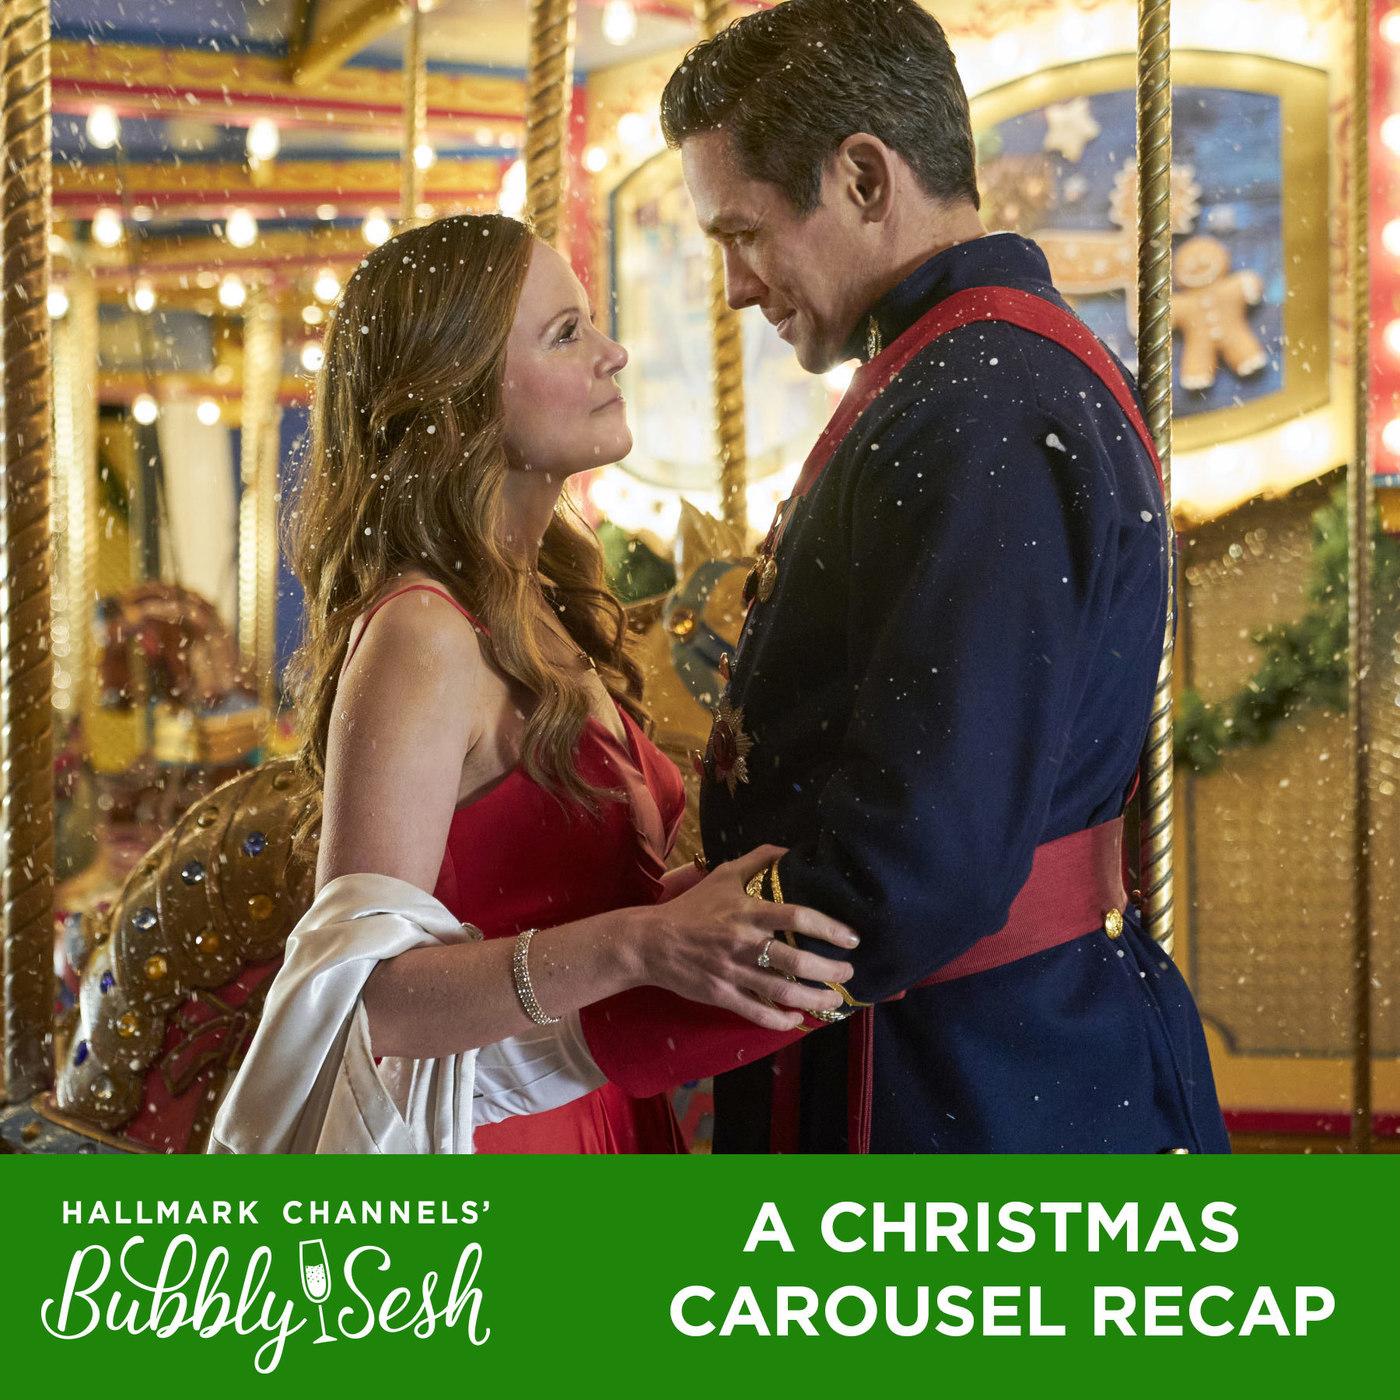 A Christmas Carousel Recap